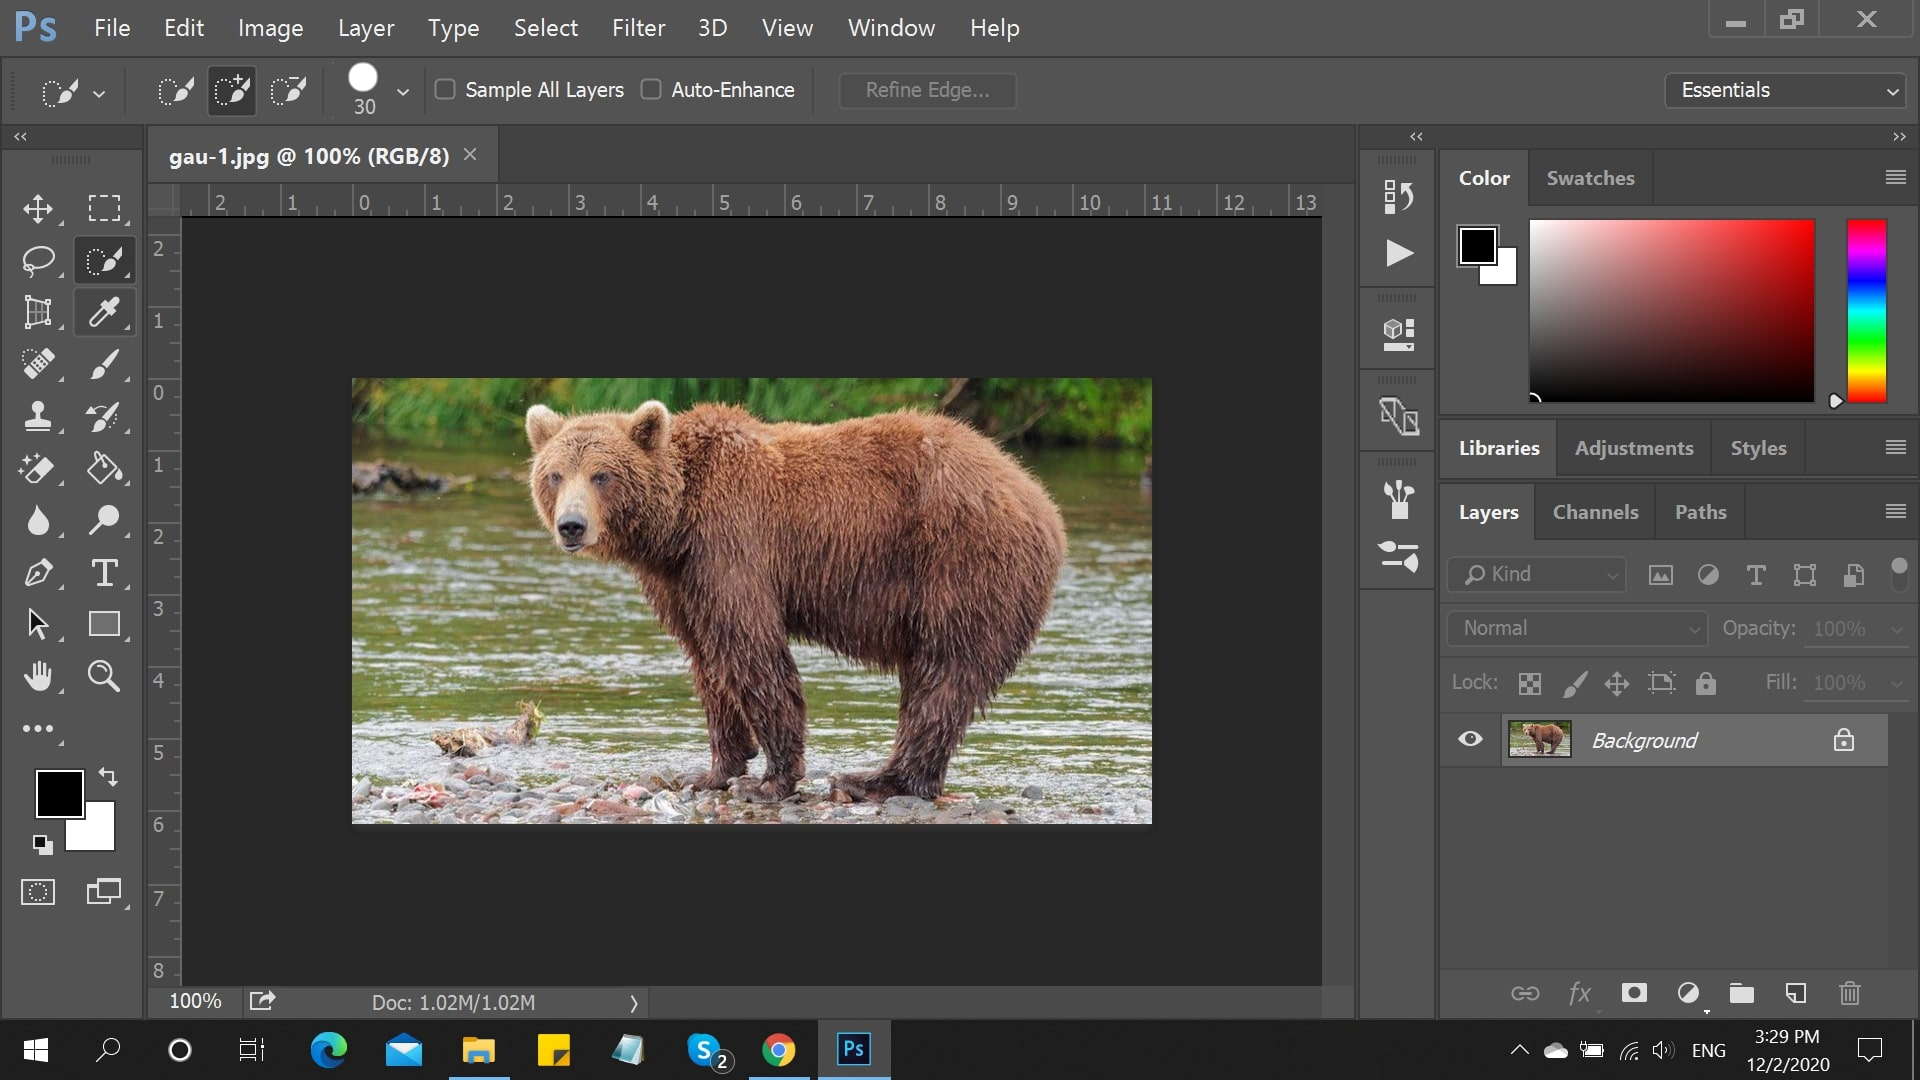 Bật mí cách tách ảnh ra khỏi nền bằng Photoshop siêu nhanh